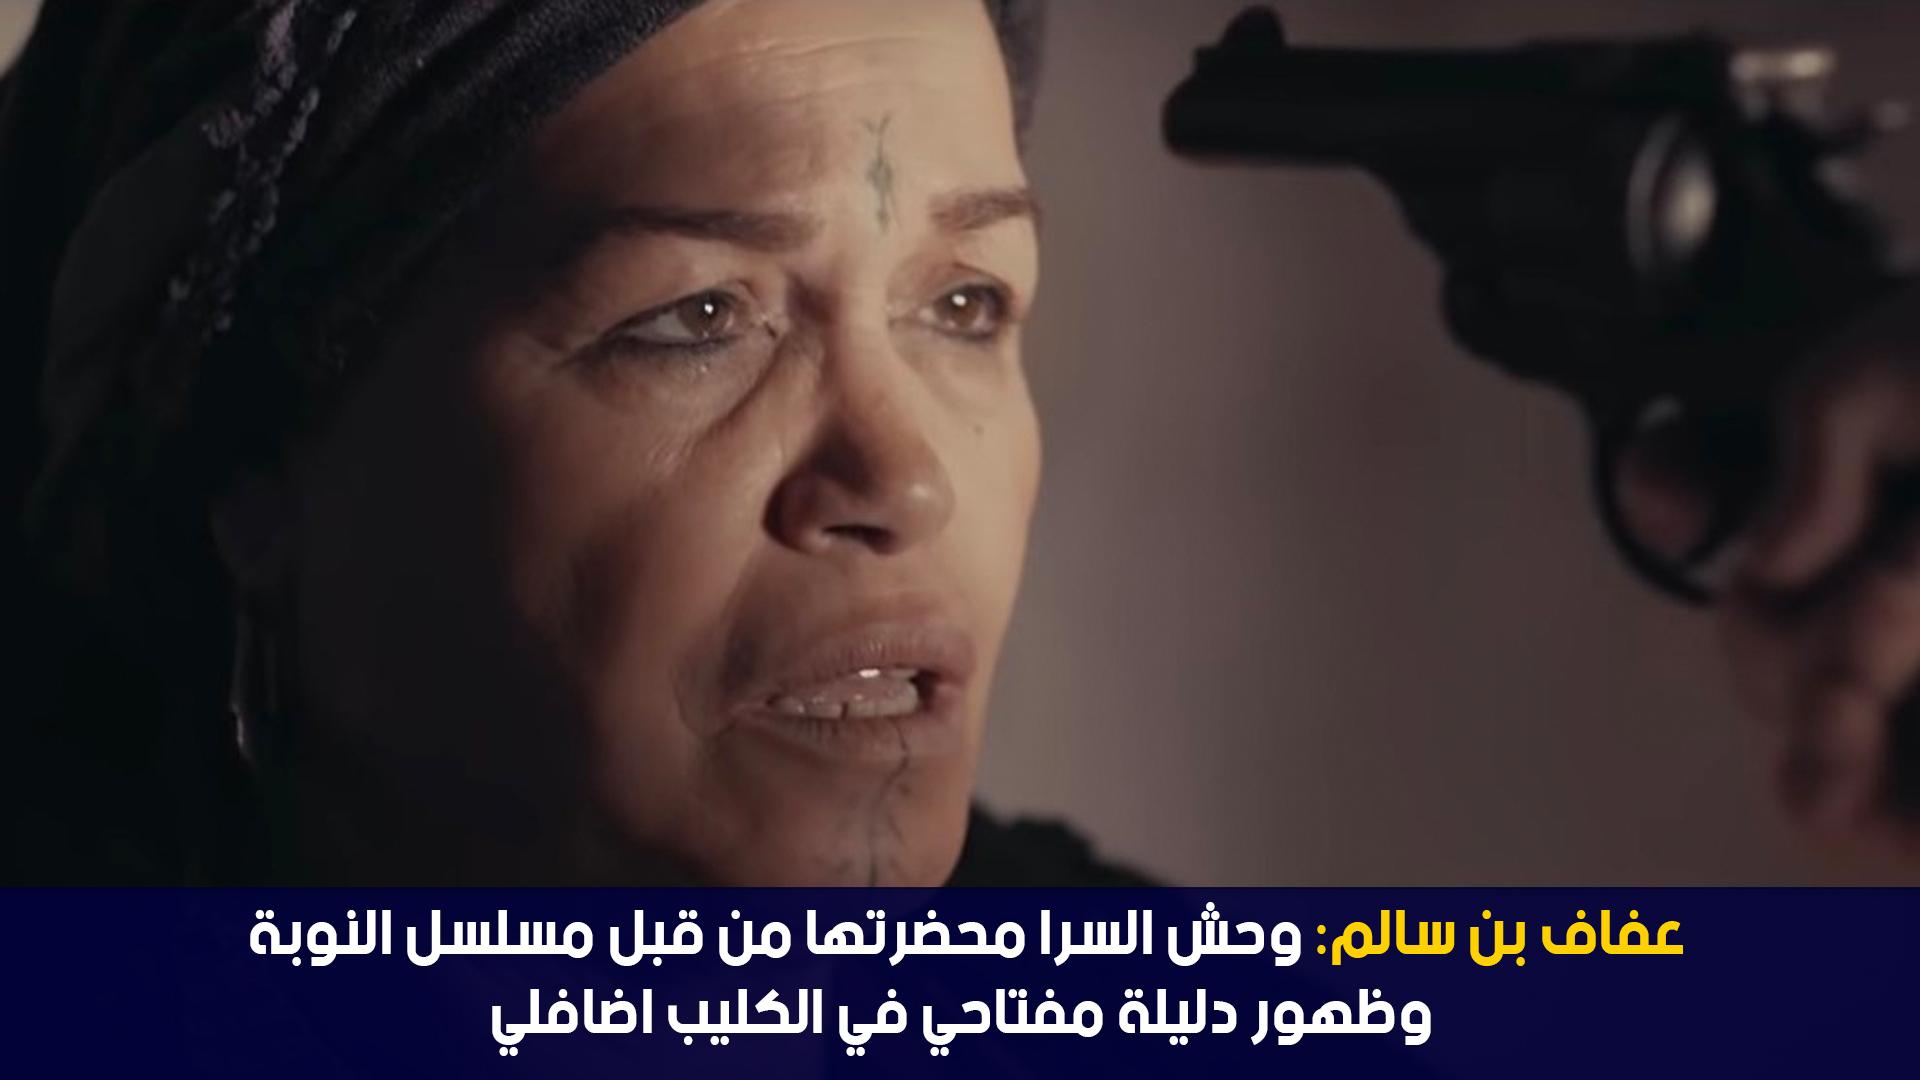 عفاف بن سالم : وحش السرا محضرتها من قبل مسلسل النوبة و ظهور دليلة المفتاحي في الكليب اضافيا